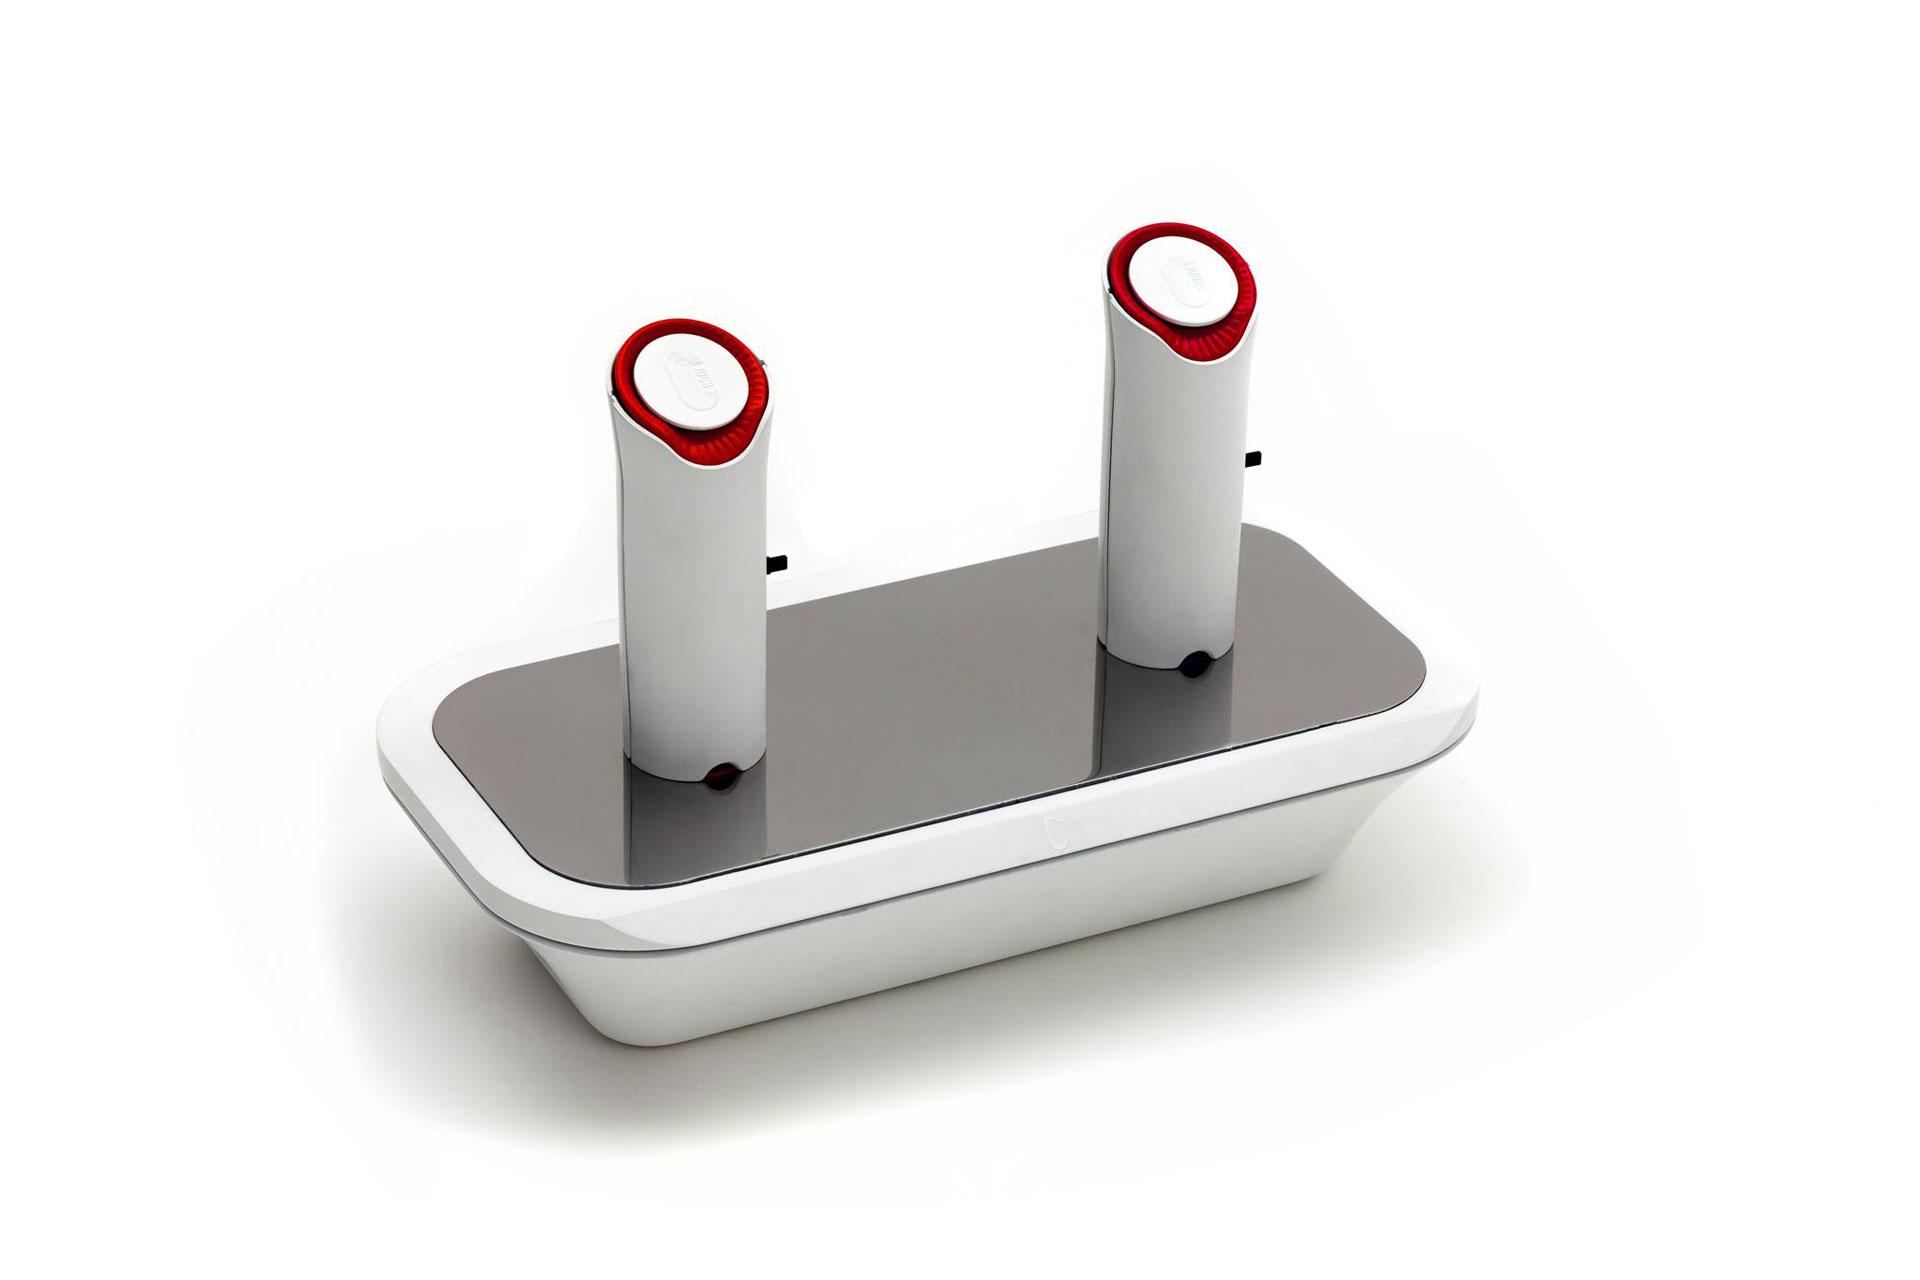 El oPhone saldrá al mercado en el 2016, aunque por ahora sólo estará disponible para Iphone y Ipad